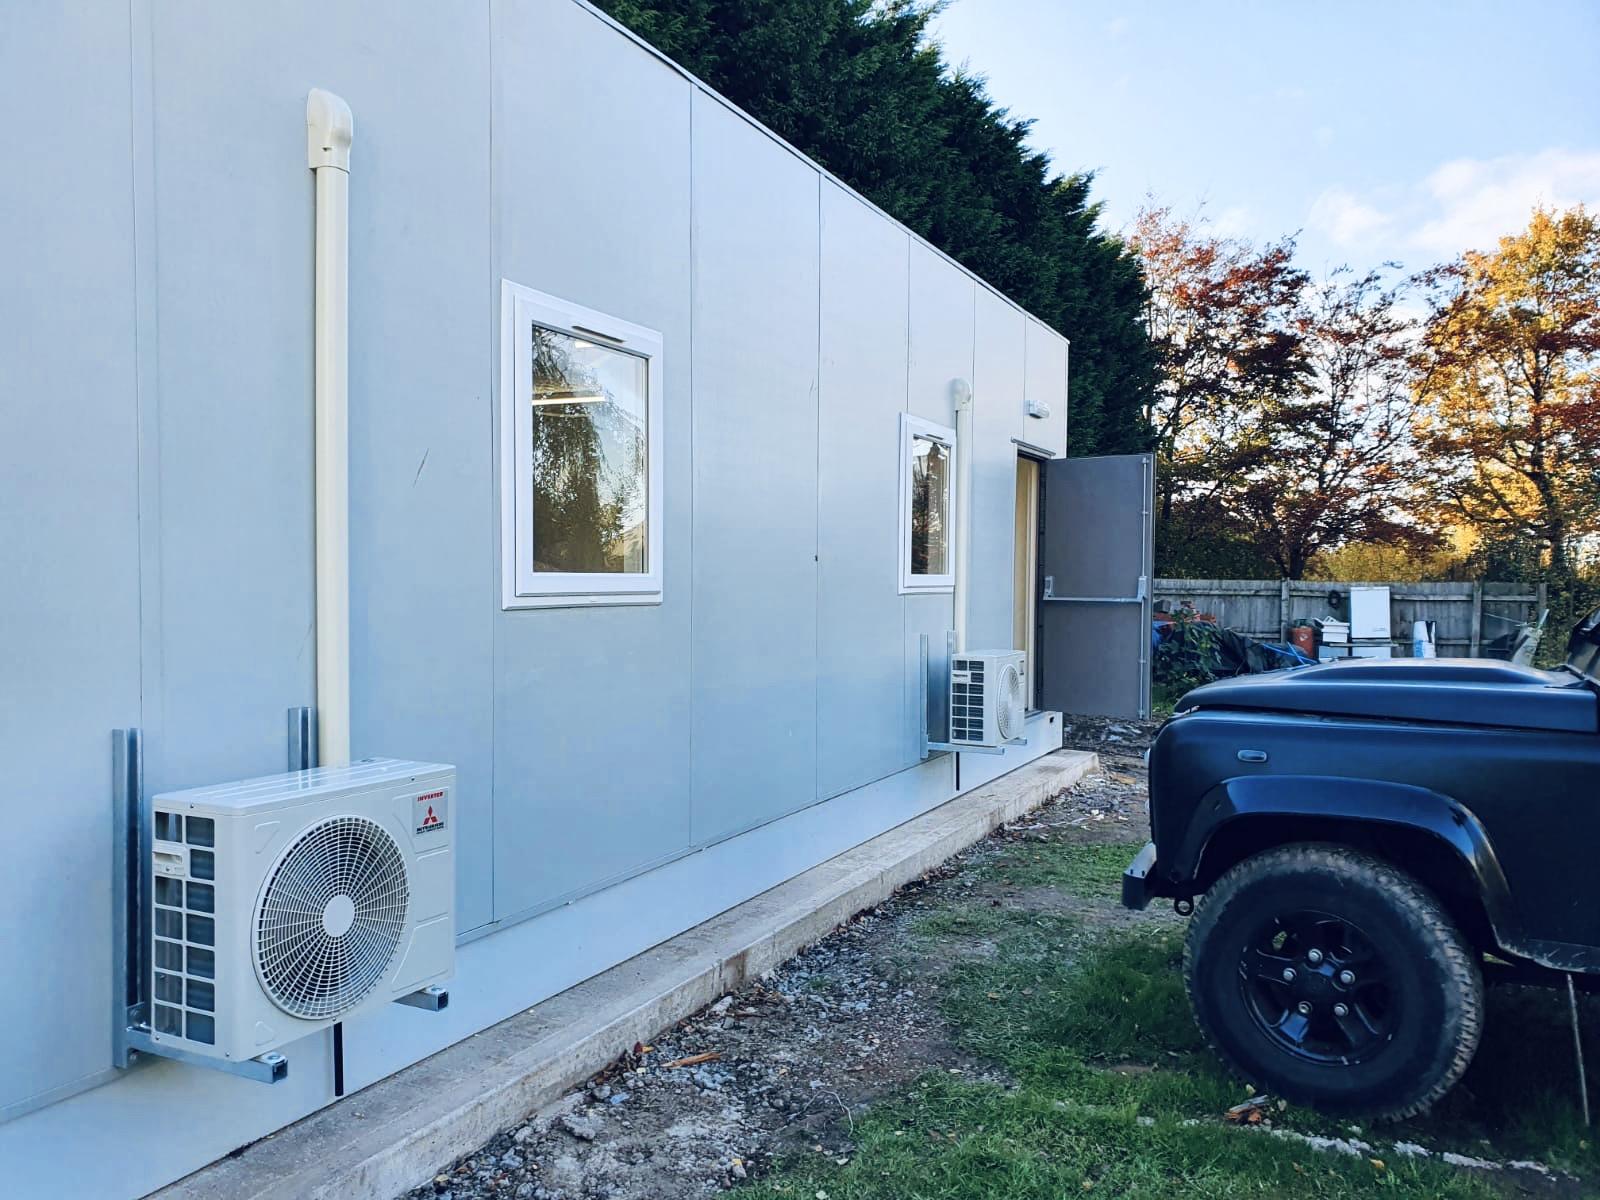 Portable building installation